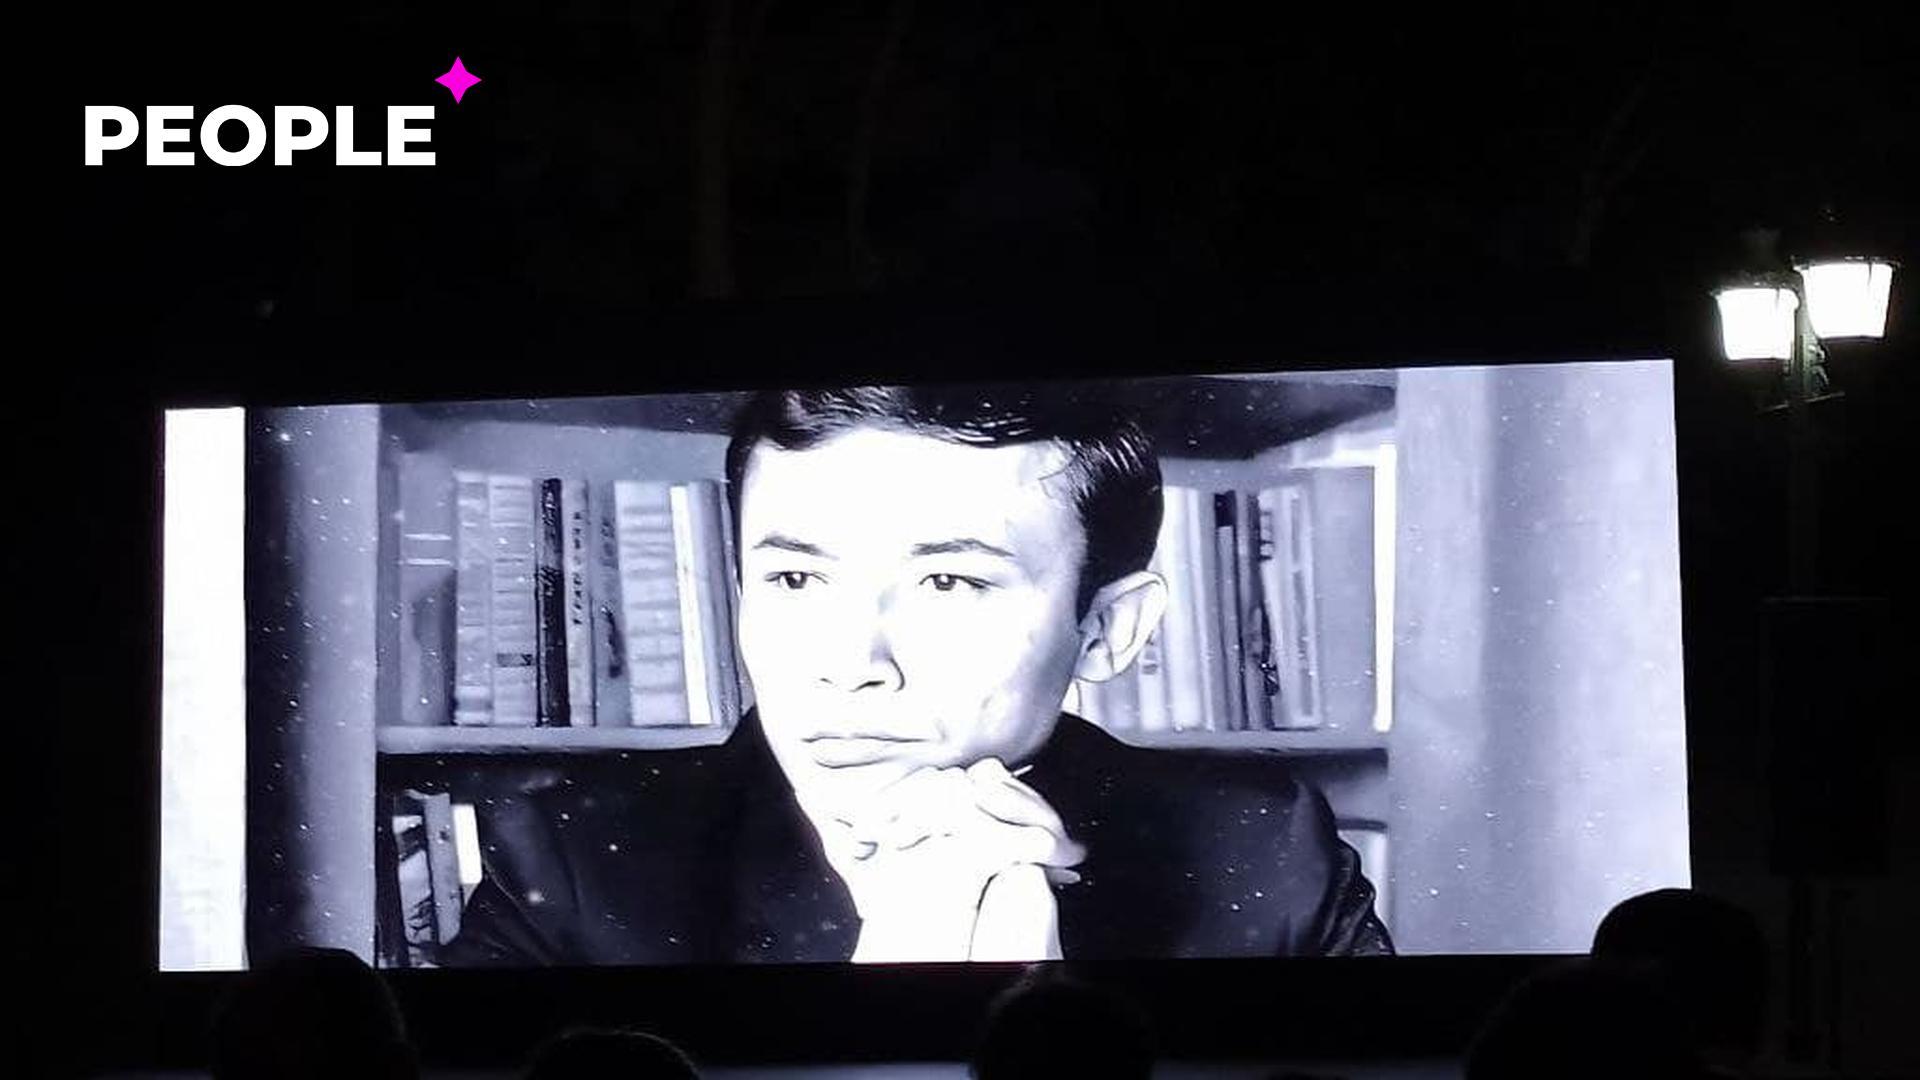 В Ташкенте состоялась премьера фильма, посвященного жизни и творчеству Абдуллы Арипова